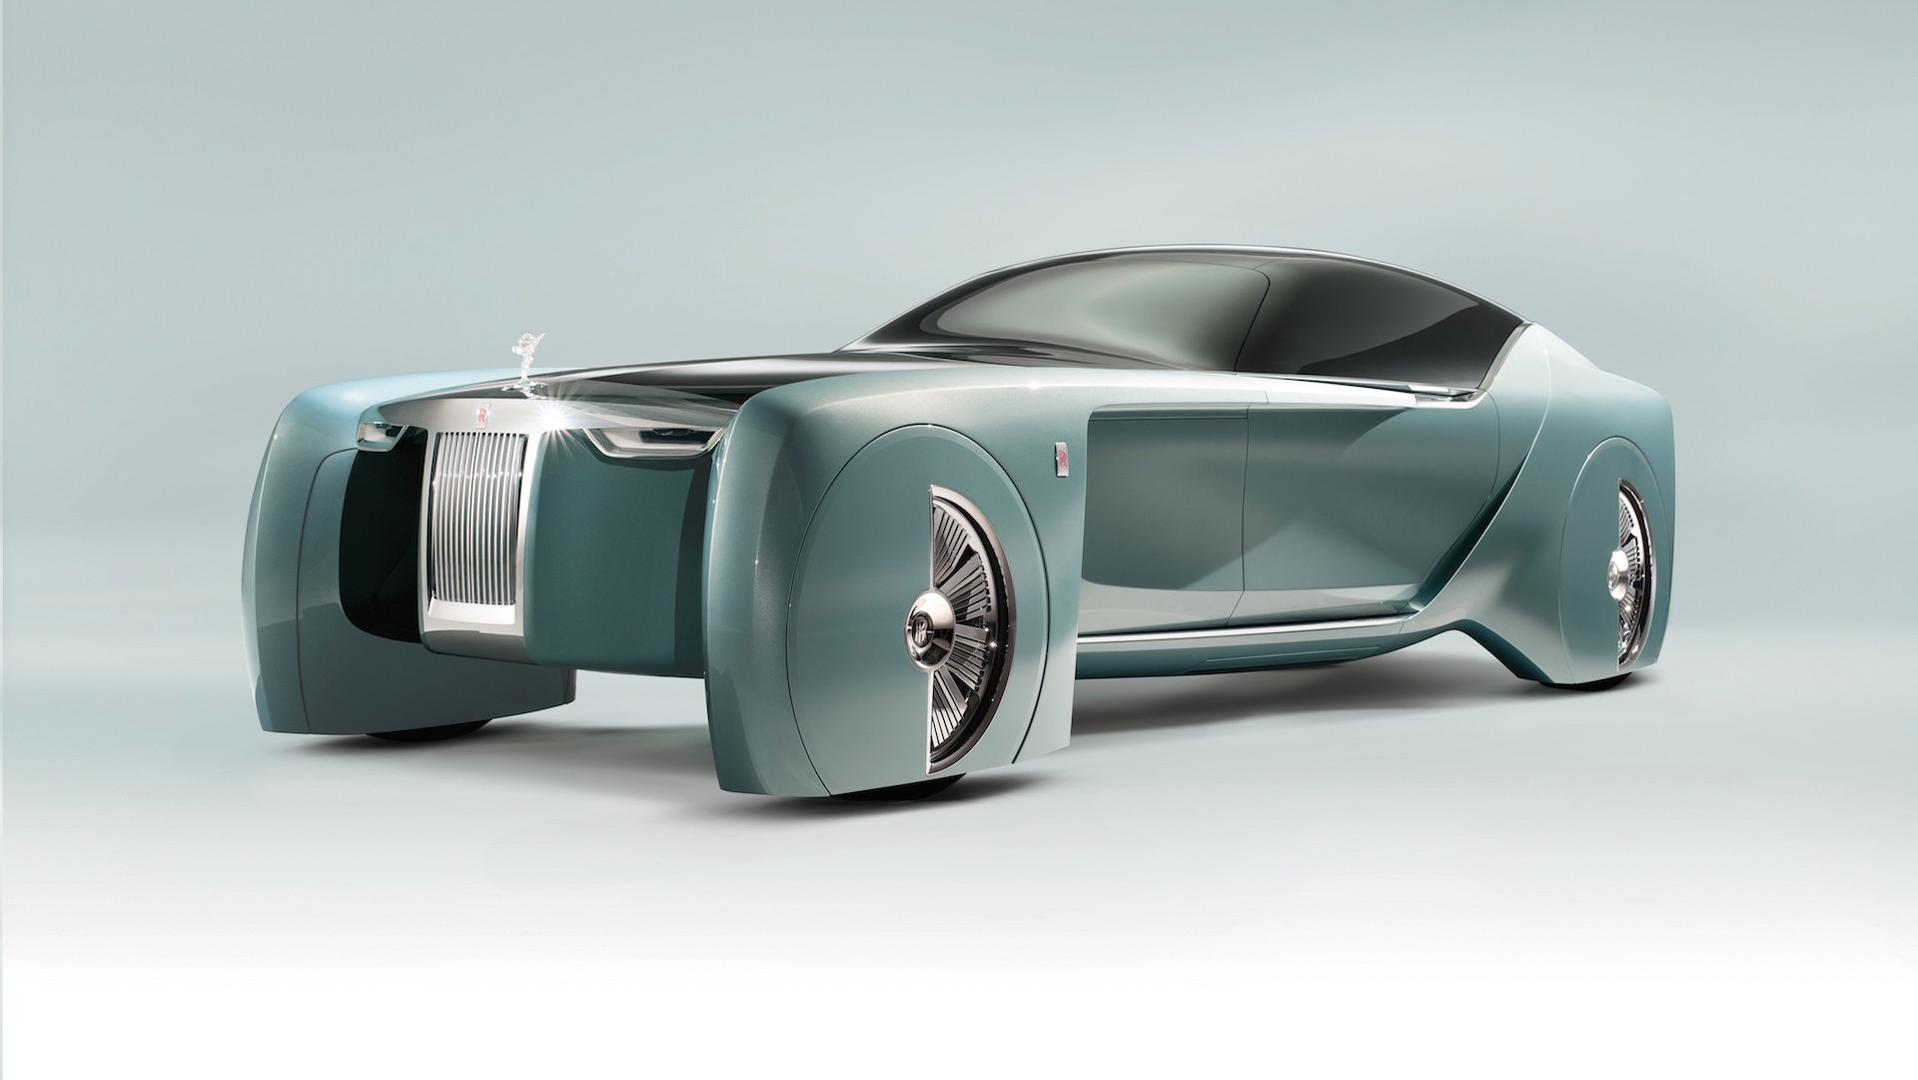 Το ηλεκτρικό πρωτότυπο Phantom της Rolls-Royce